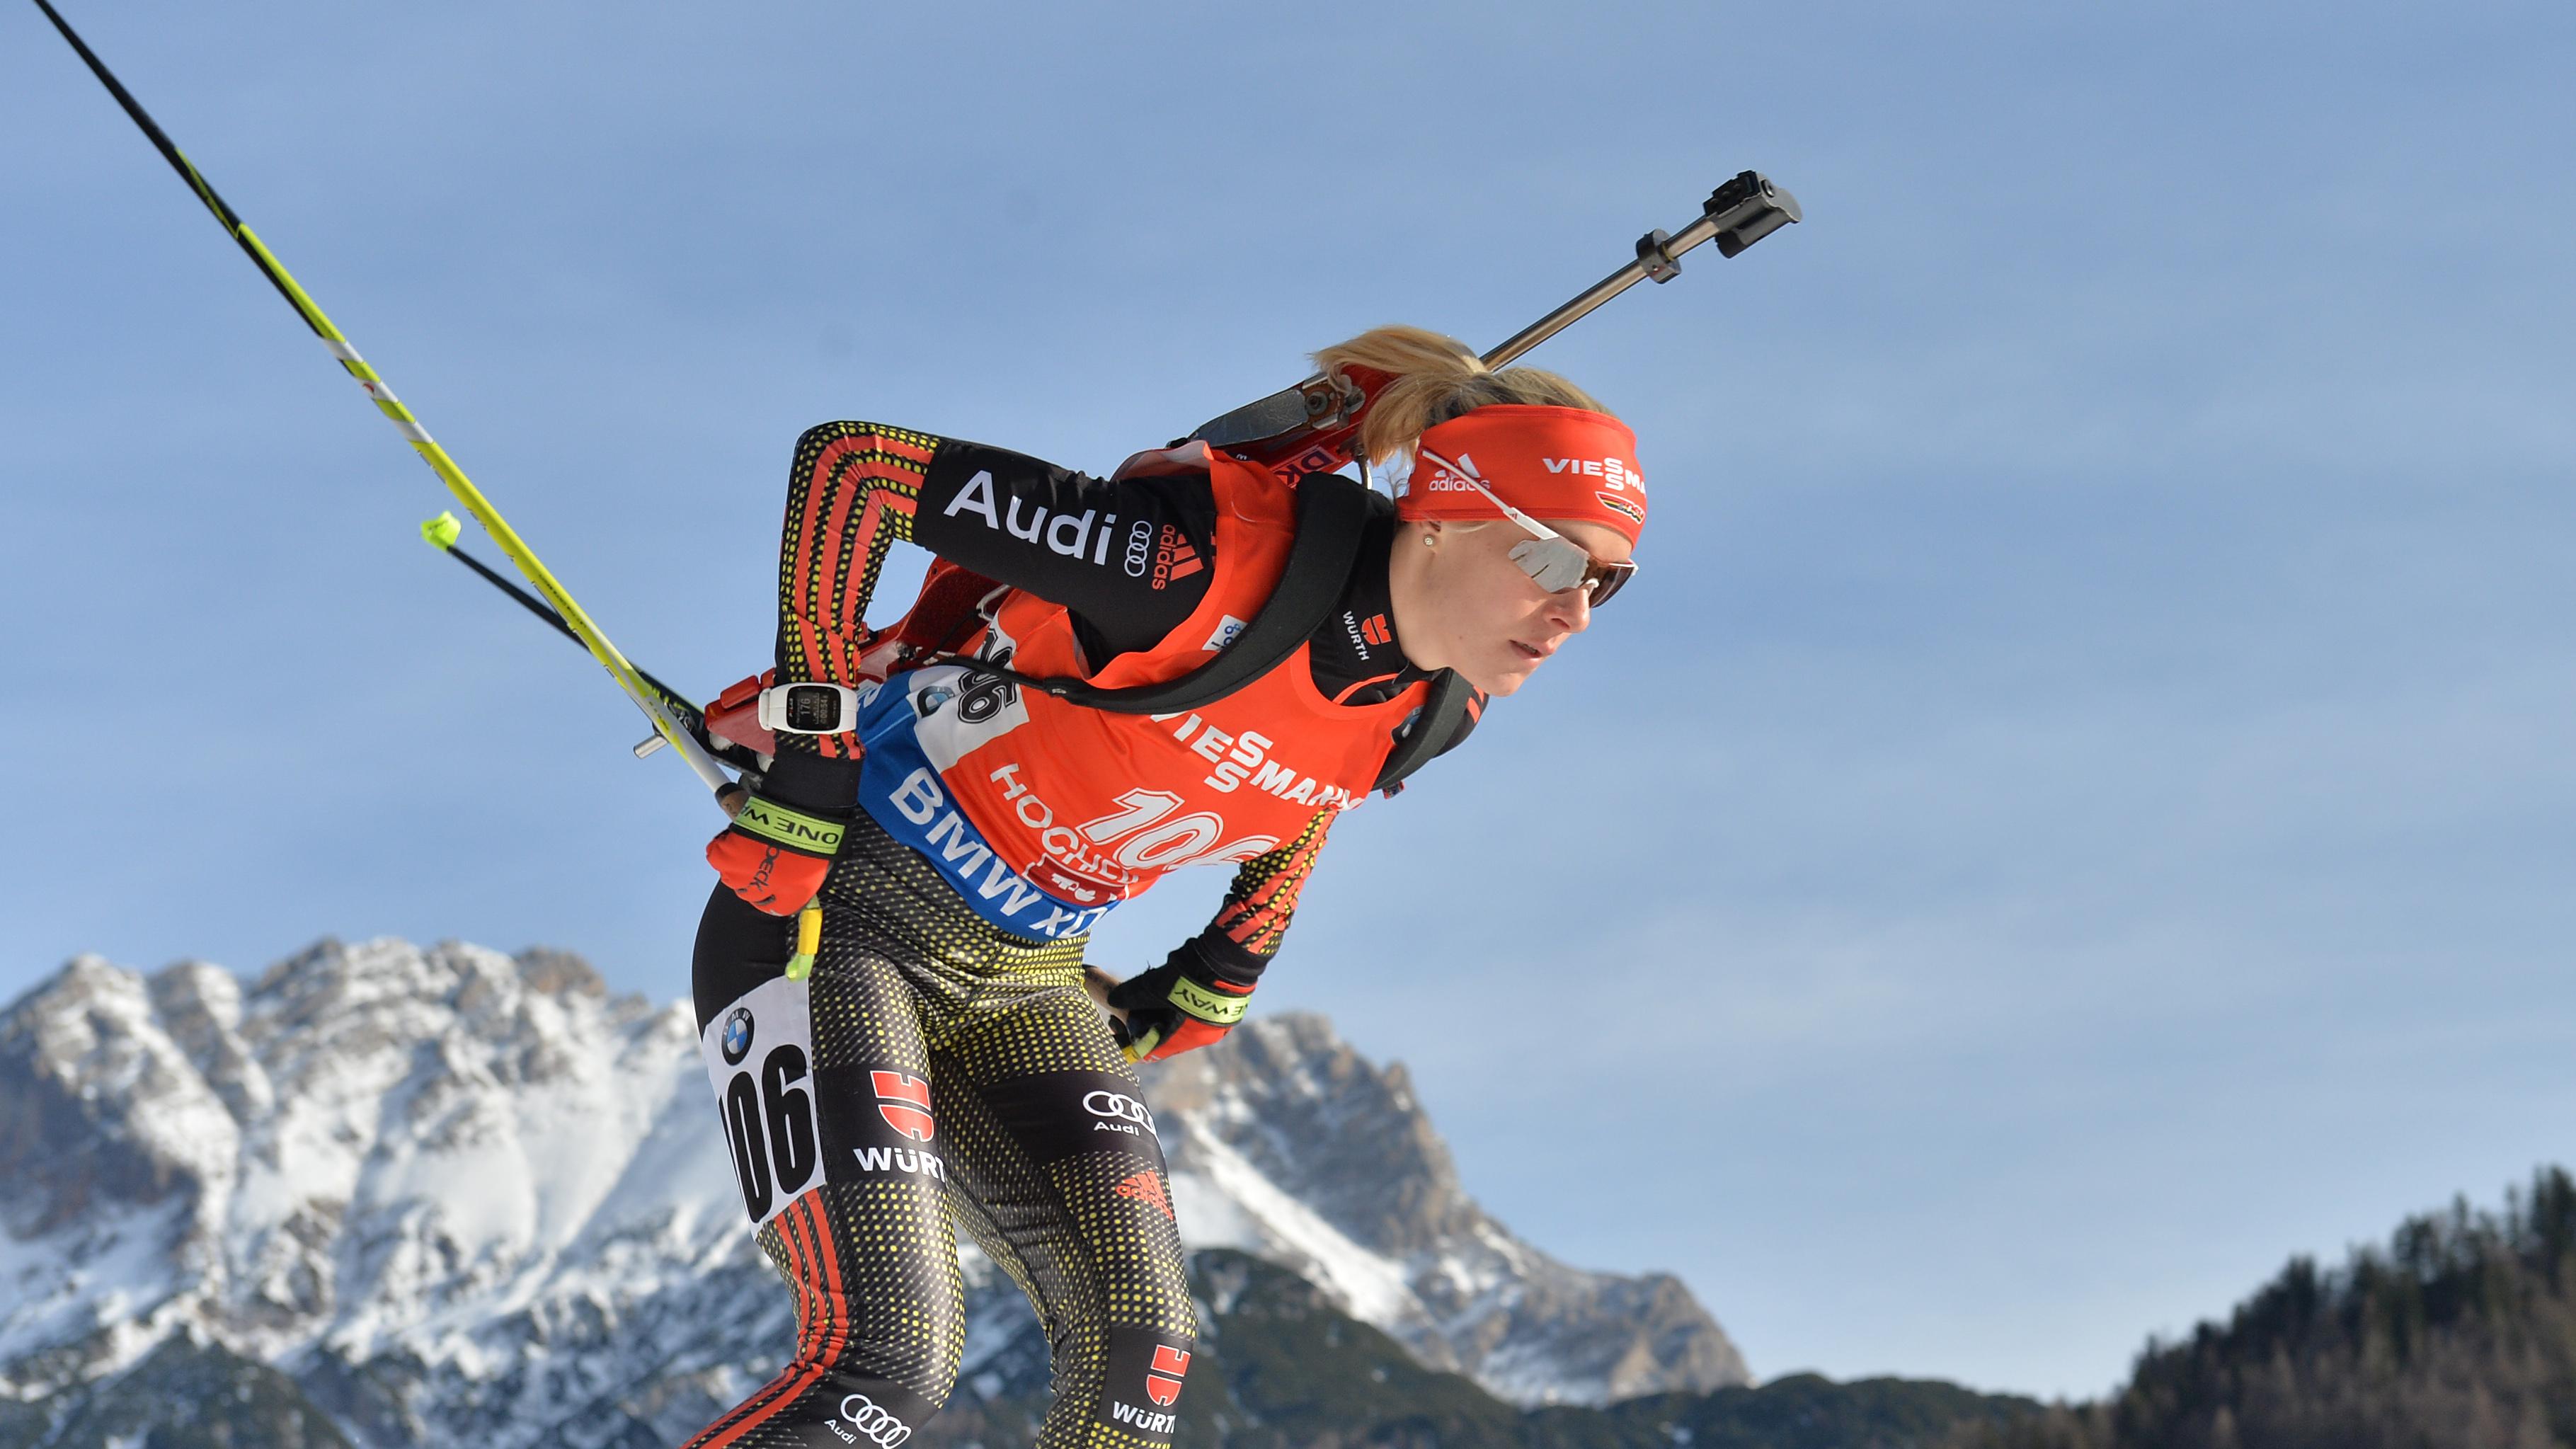 austria_biathlon_world_cup_-dd6b46121f87_r471.jpeg